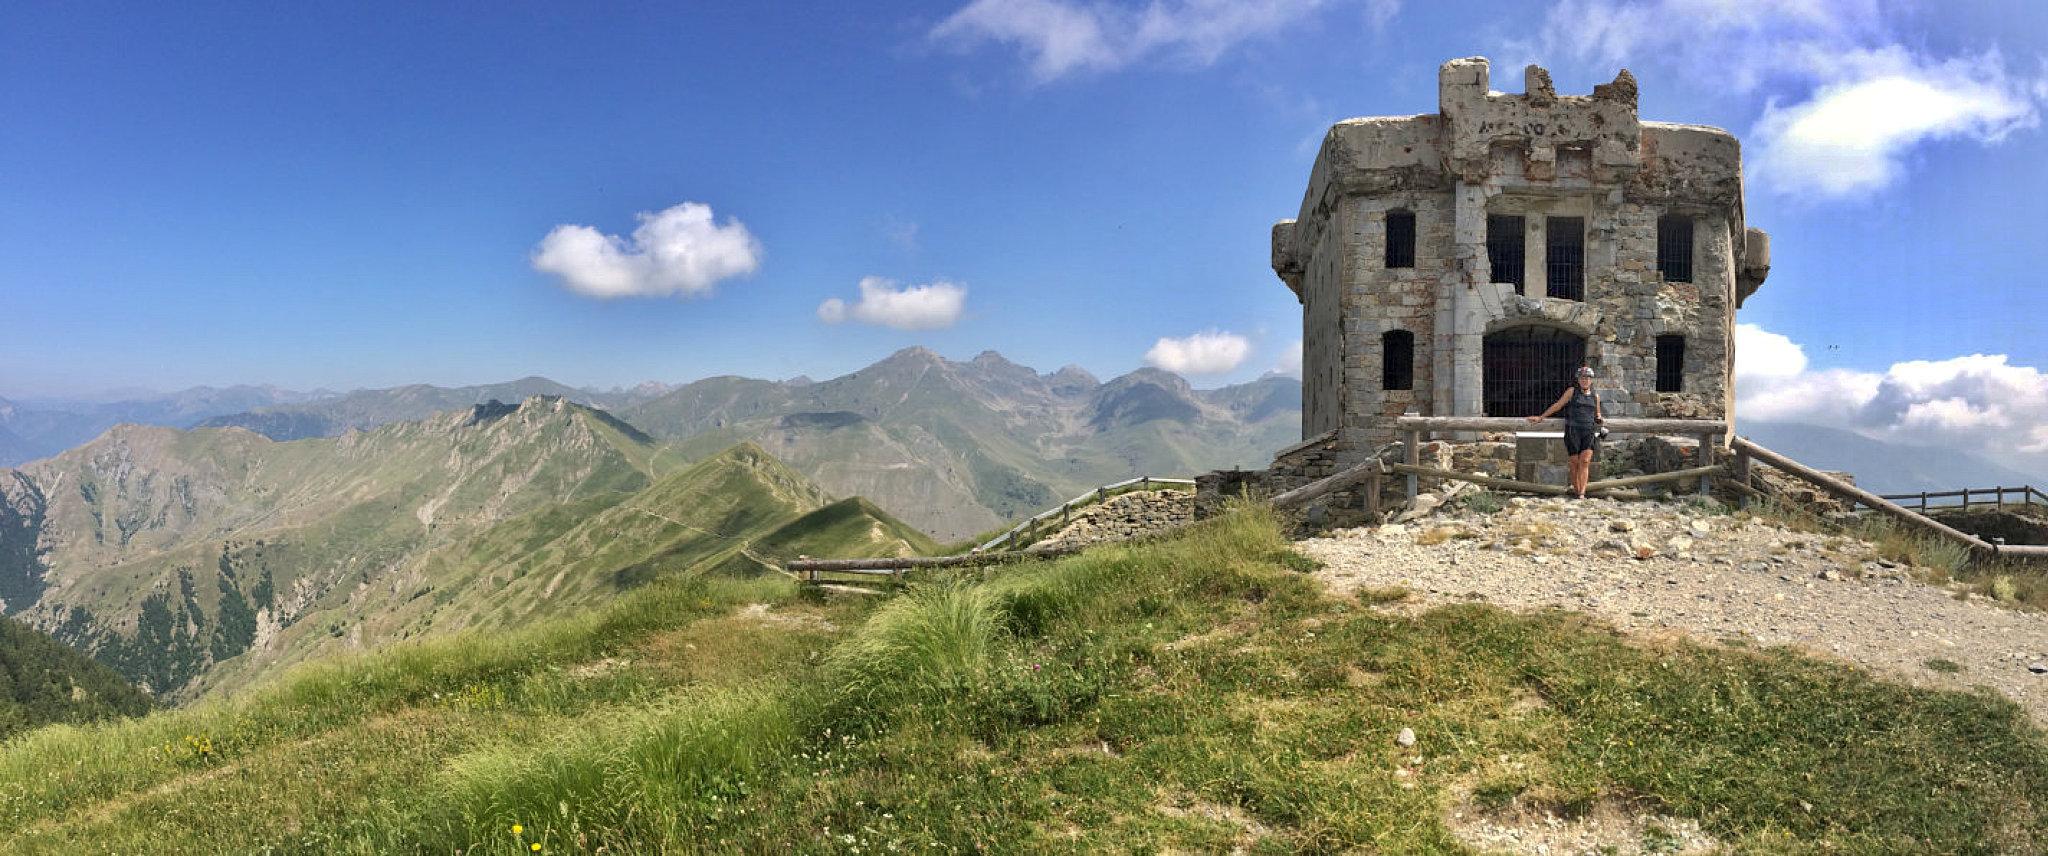 Spettacolare panorama da uno dei forti dell'Authion